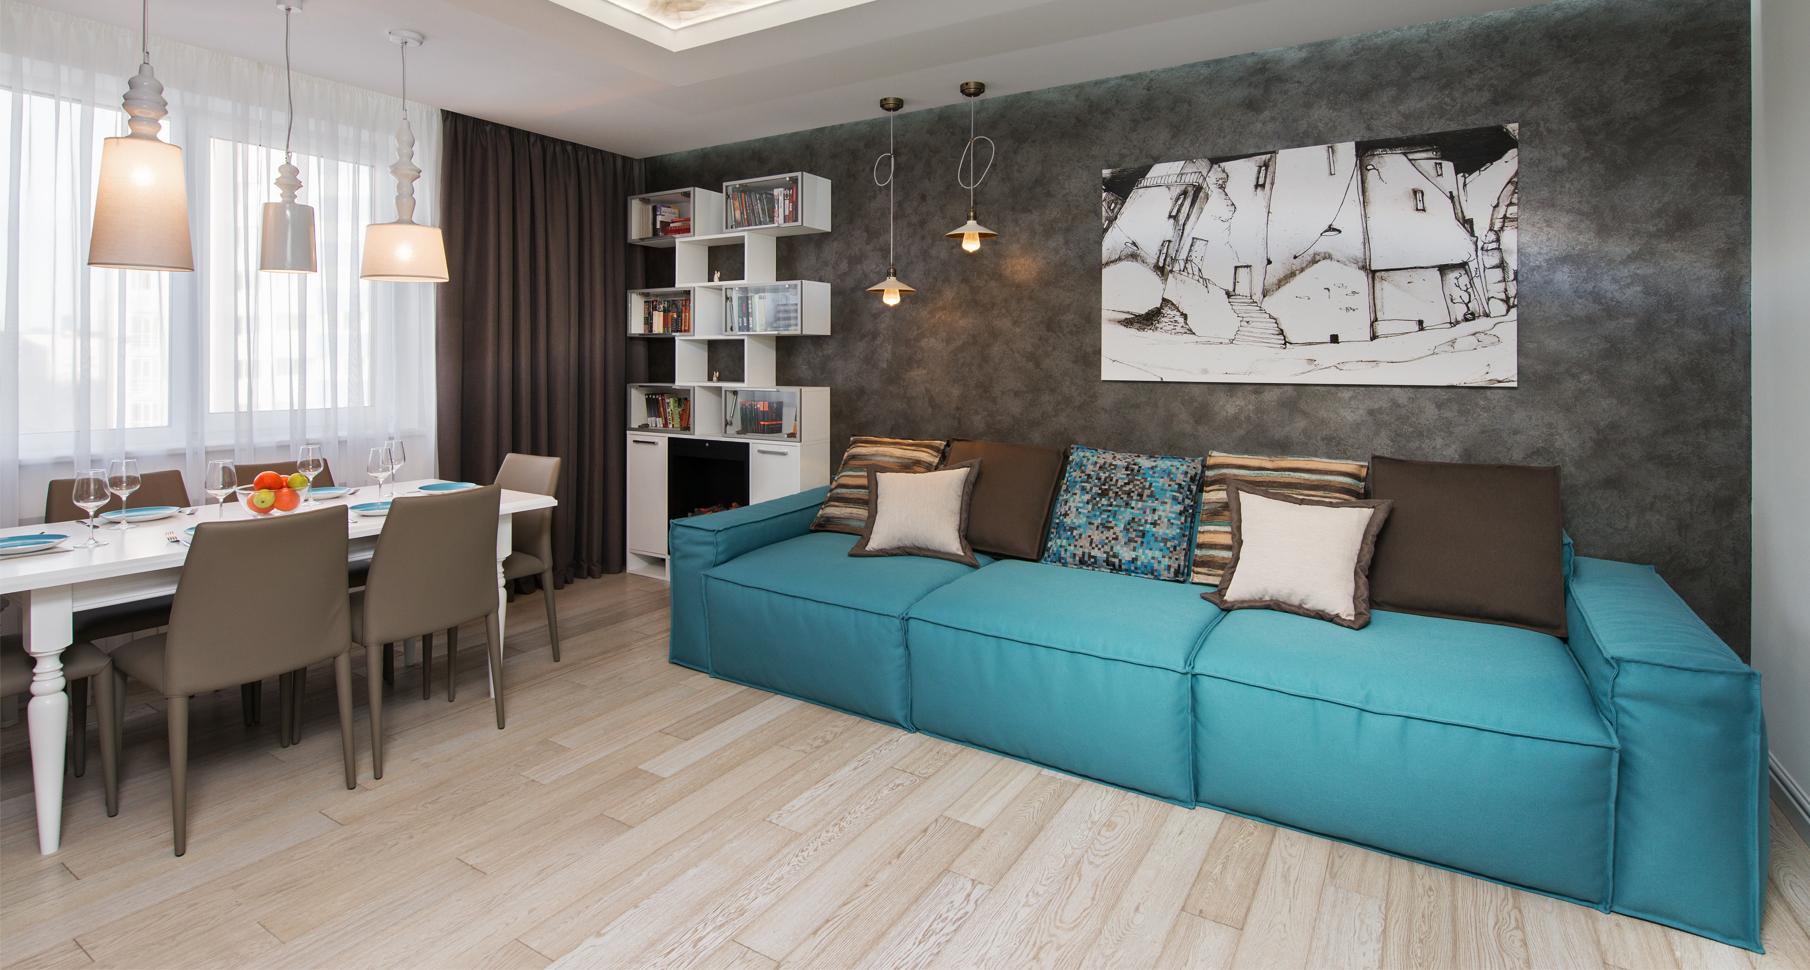 Бирюзовый диван в столовой